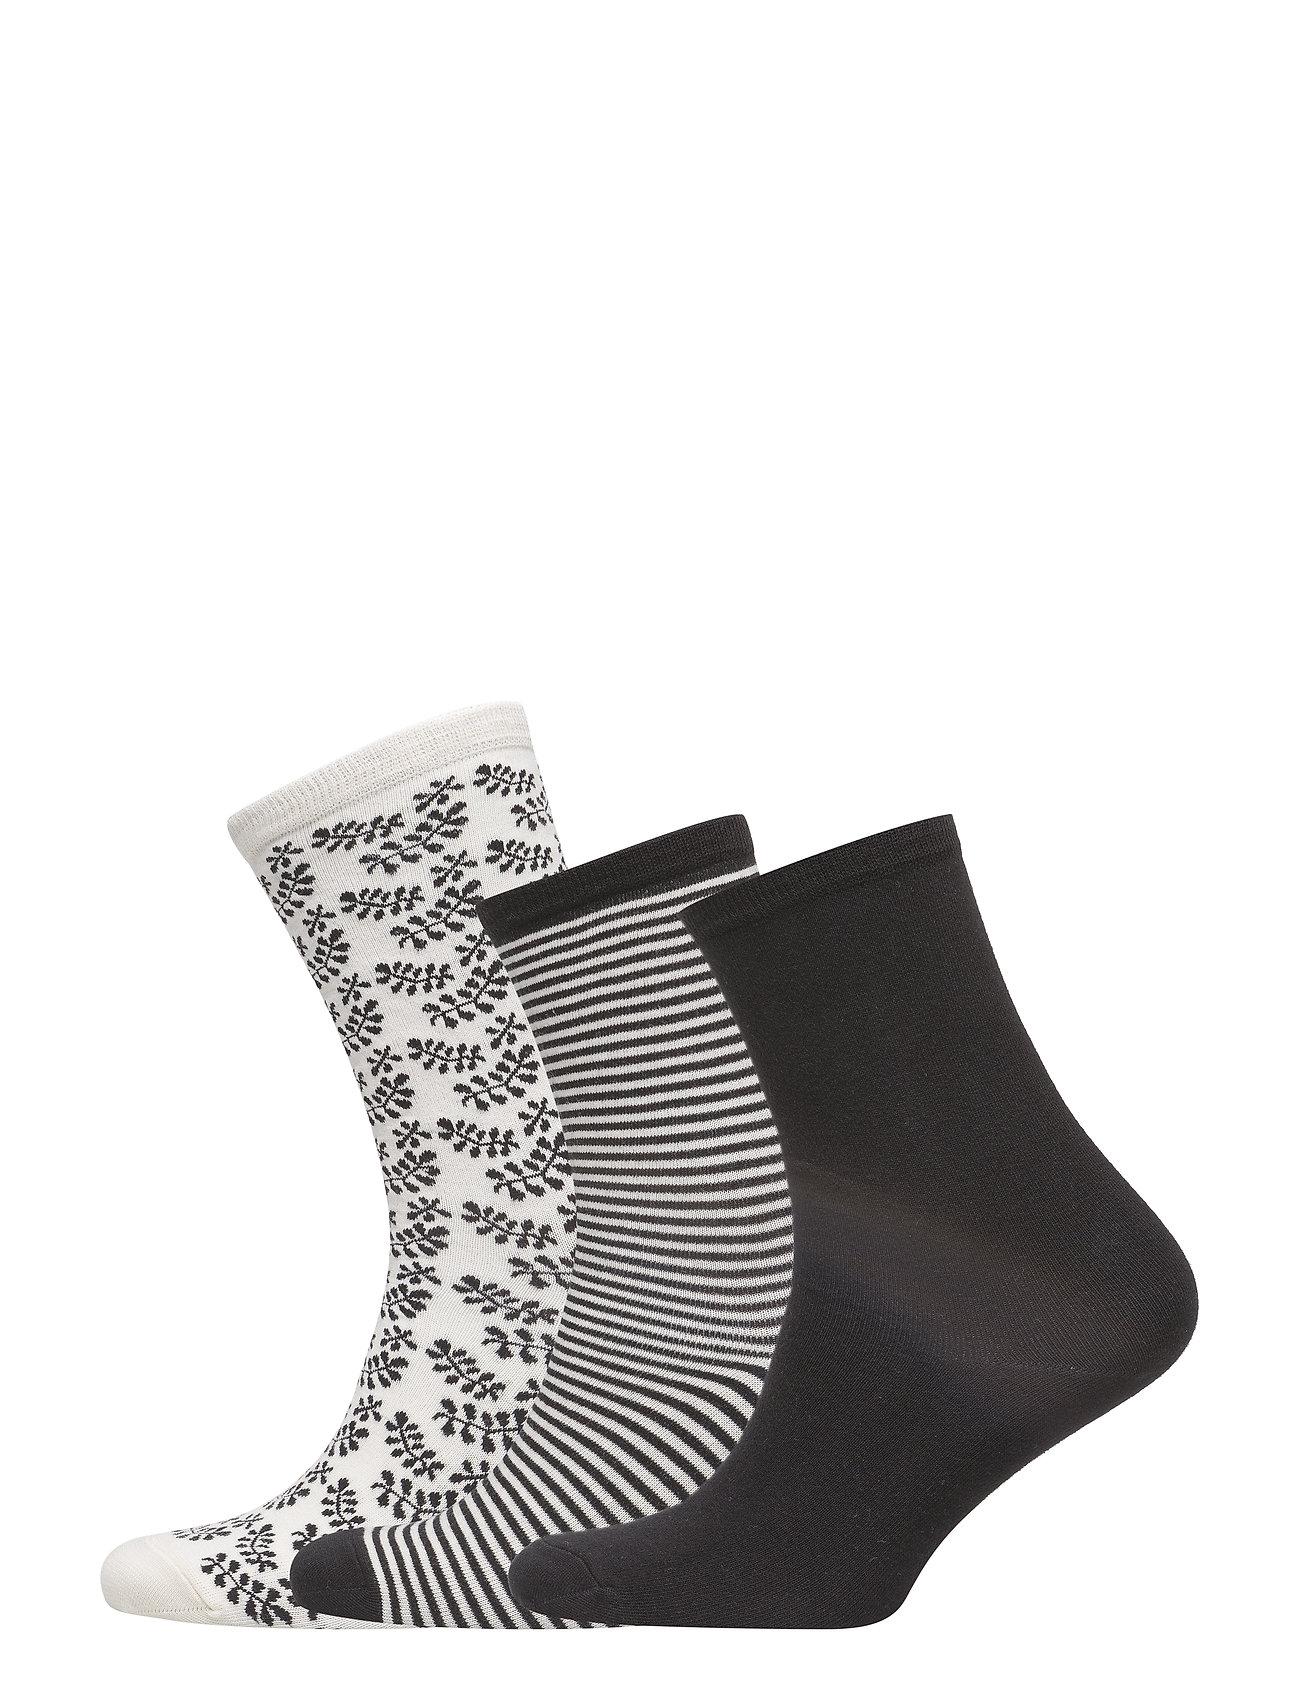 Ladies Anklesock, Confetti Socks, 3-Pack